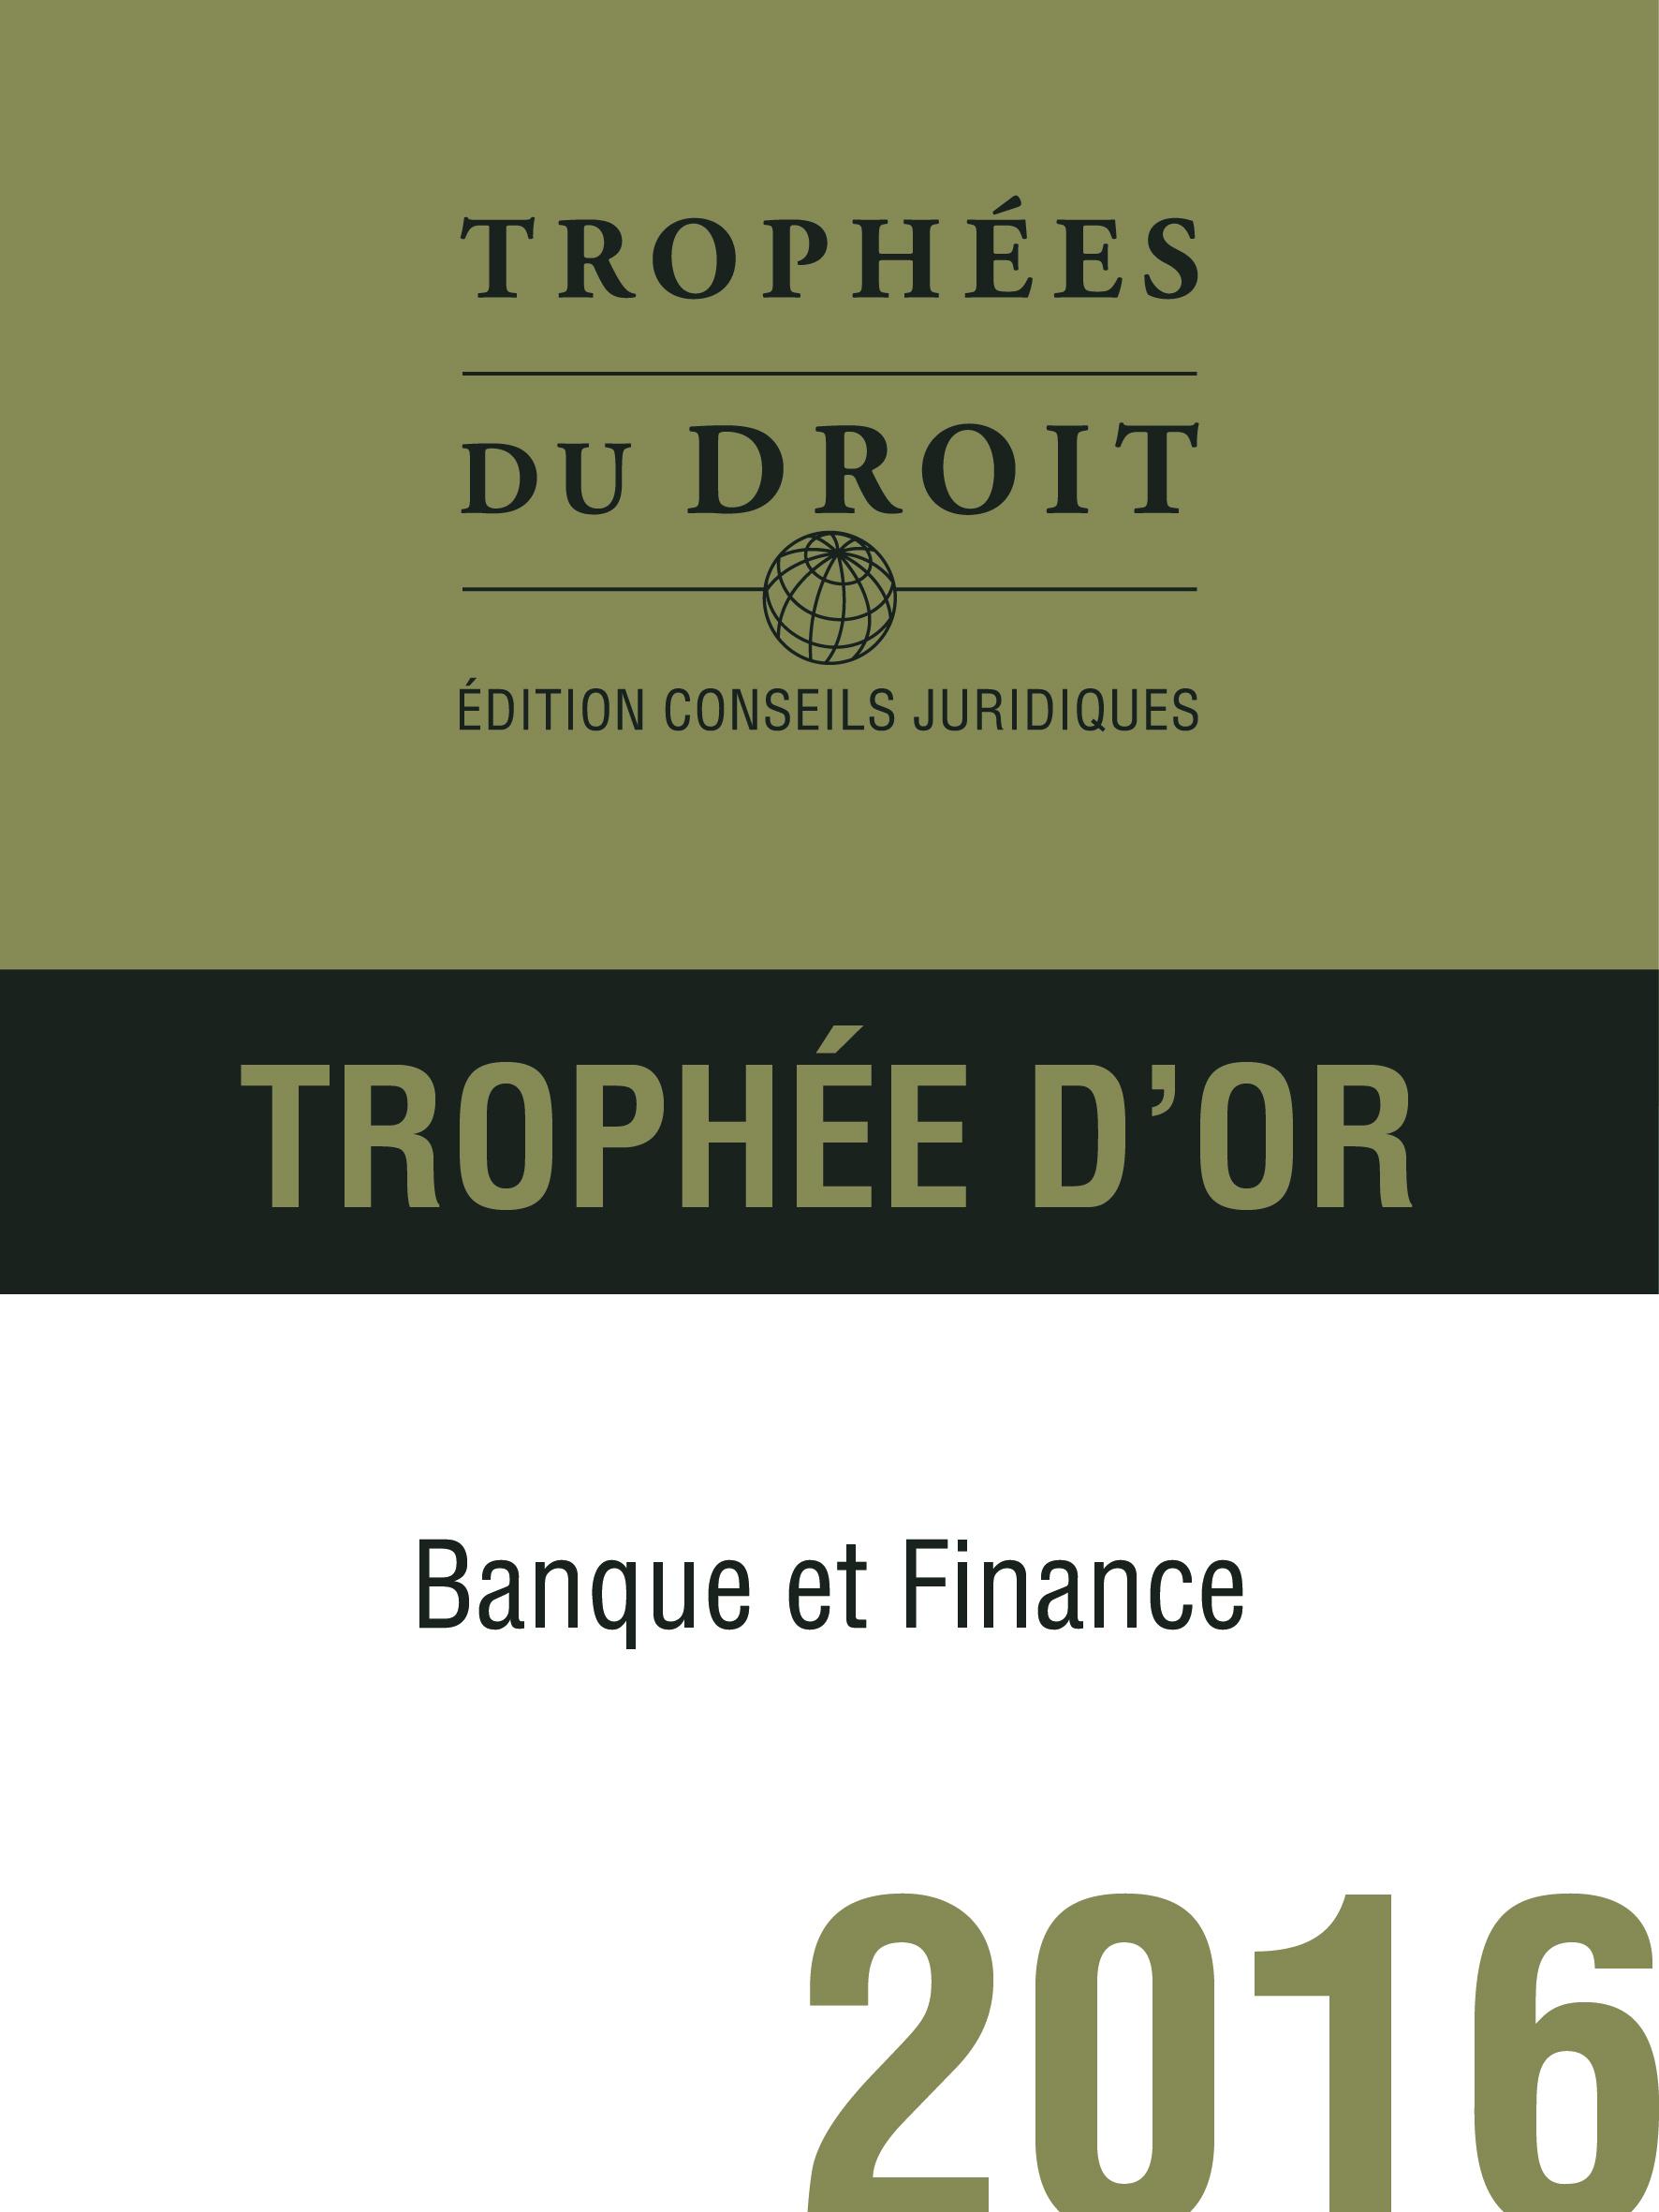 http://www.de-pardieu.com/wp-content/uploads/2016/03/Trophee_Or_Banque-et-Finance-2016.jpg